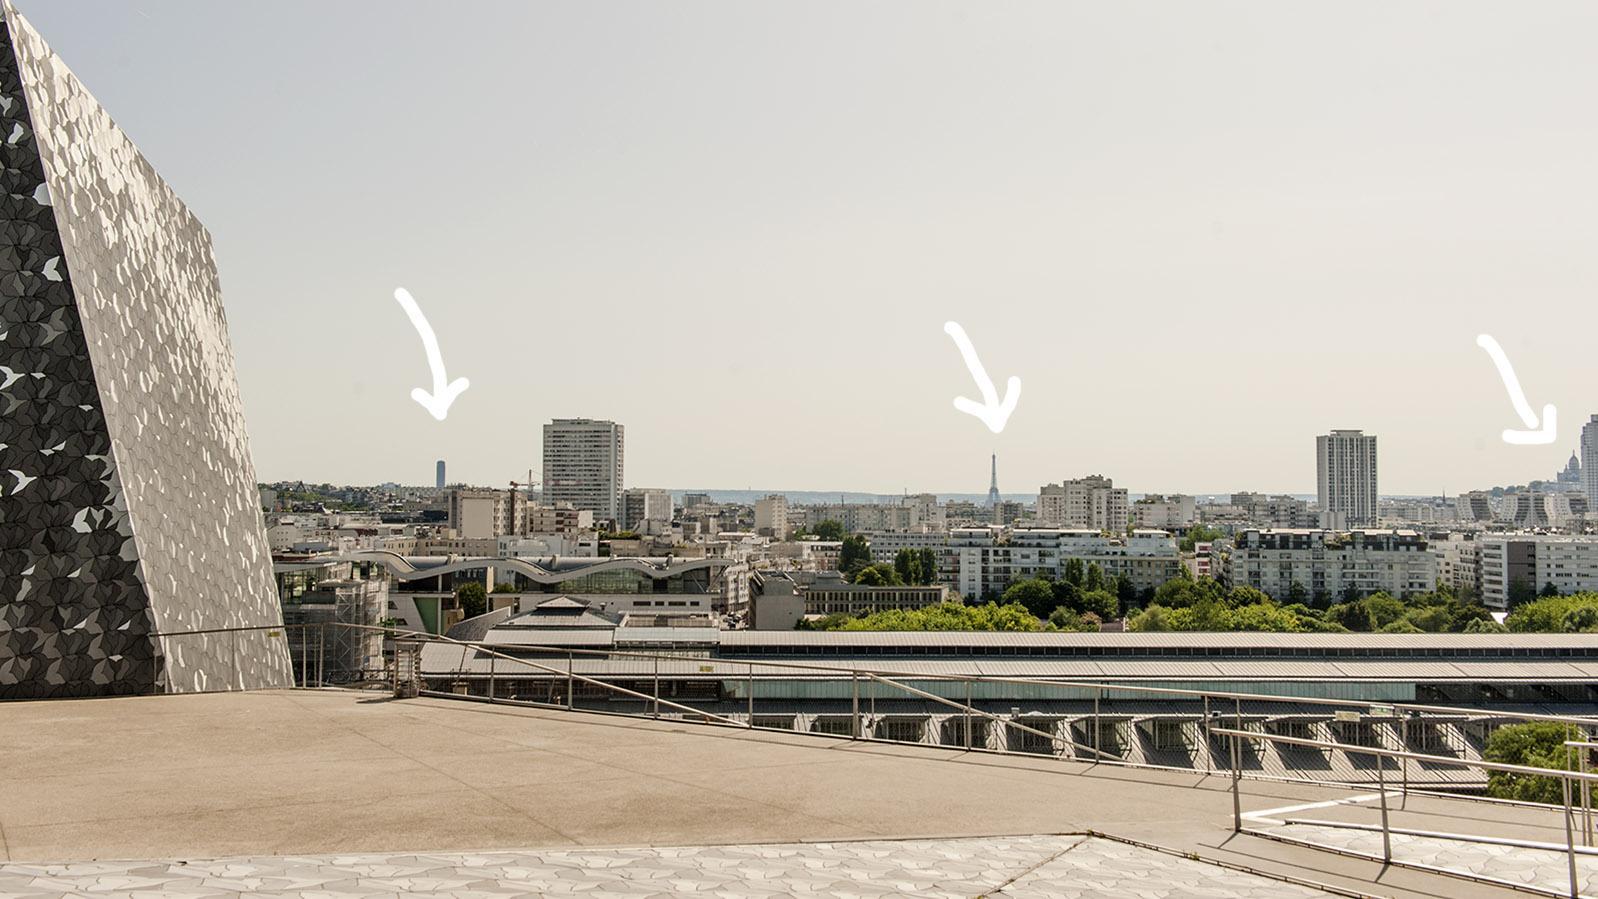 Phiharmonie de Paris: Tour Montparnasse, Eiffelturm und Sacré-Coeur – vereint beim Blick vom Belvédère. Foto: Hilke Maunder